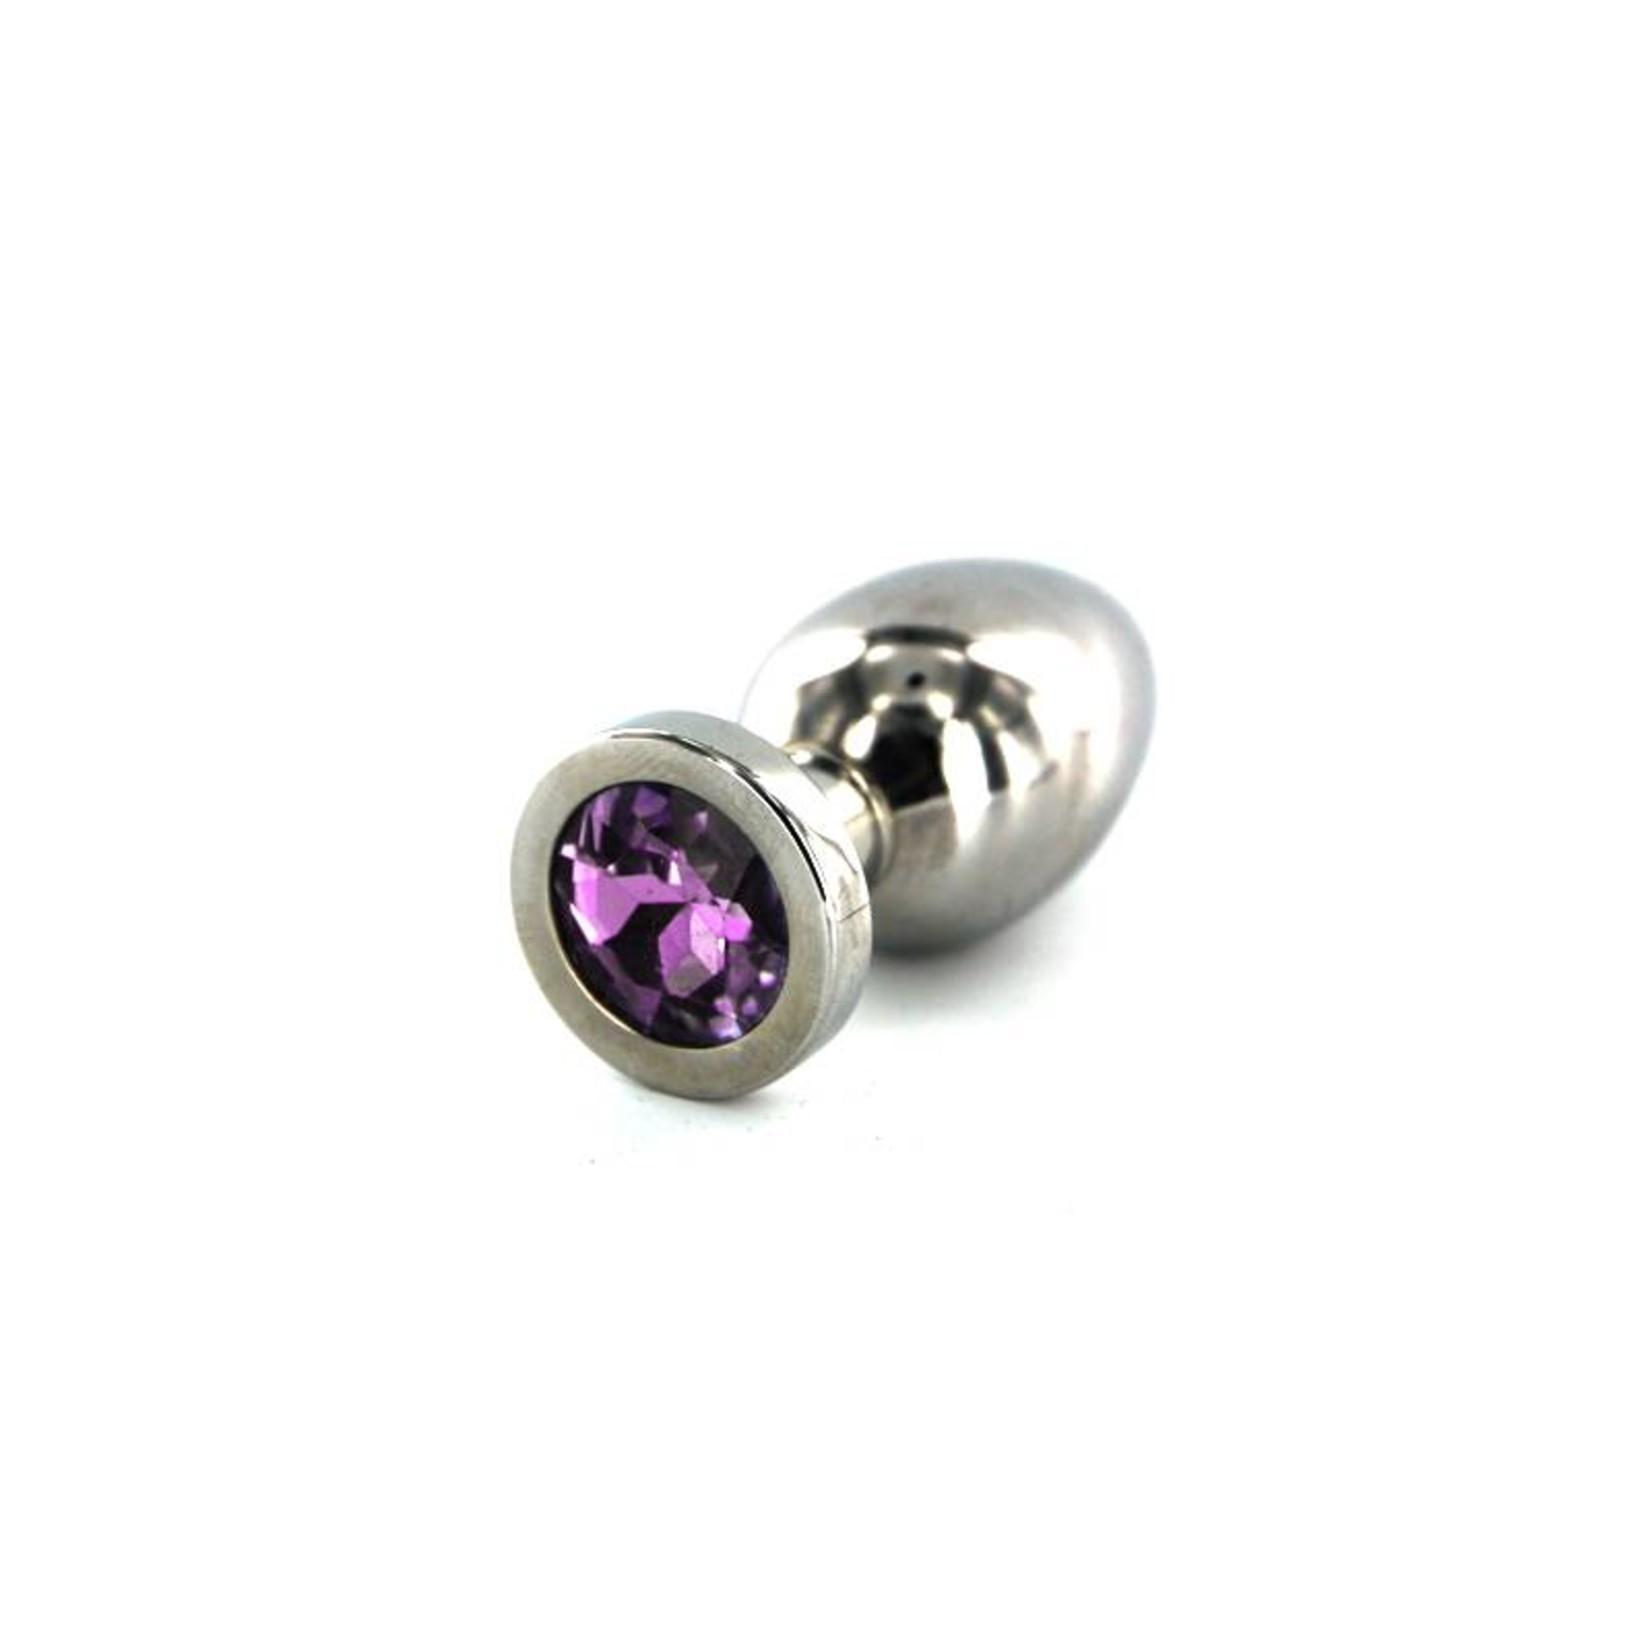 KIOTOS Steel Jewel Buttplug - Medium Purple